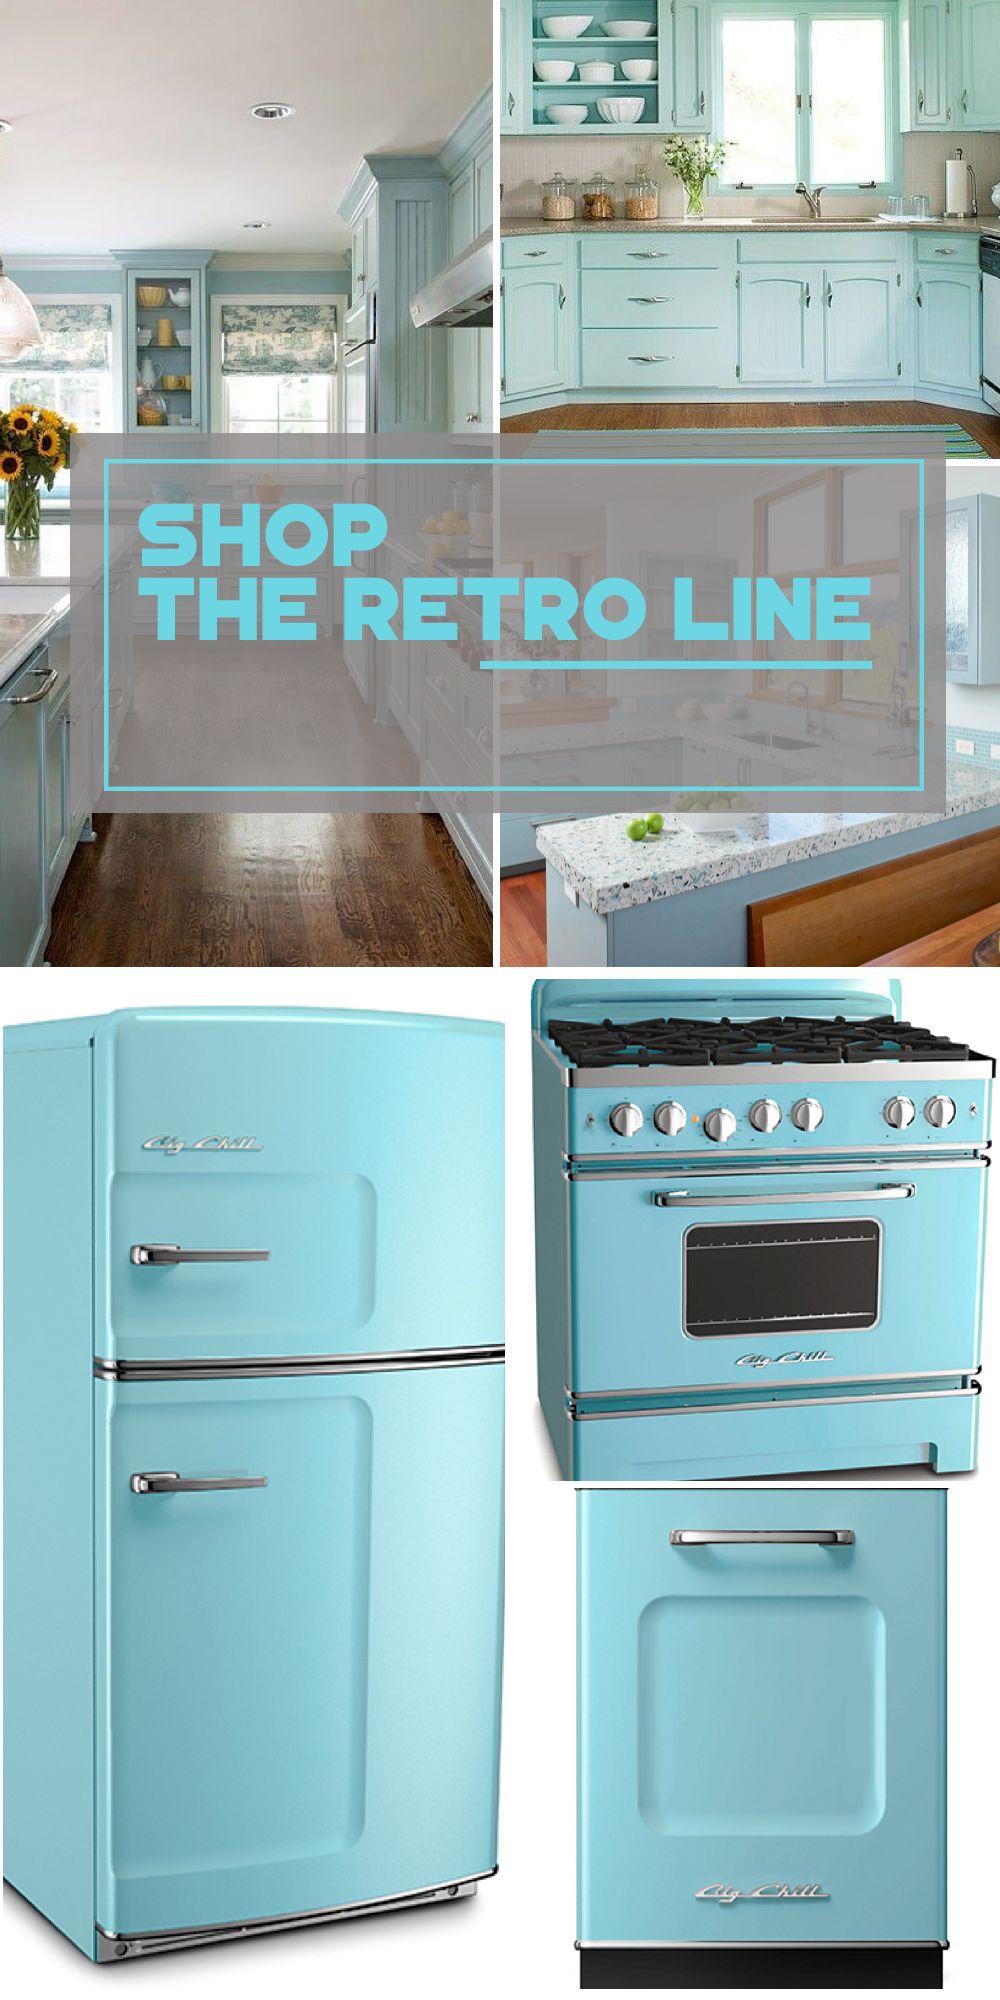 retro and modern refrigerators in 2019 retro kitchen appliances retro appliances retro home on kitchen appliances id=24632